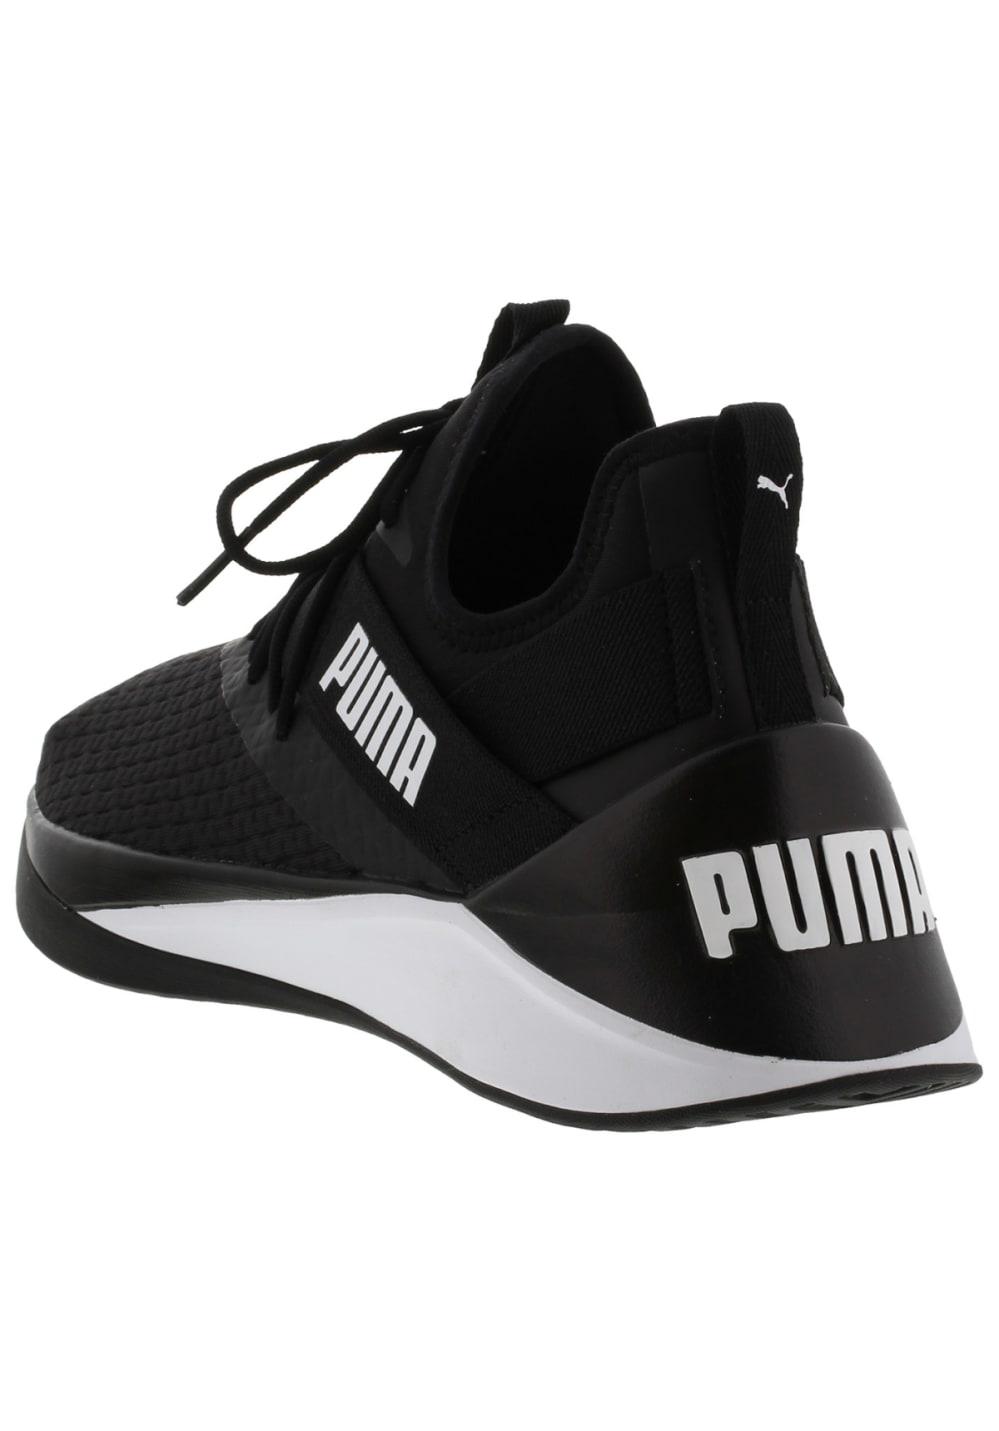 Puma Jaab XT Chaussures fitness pour Homme Noir